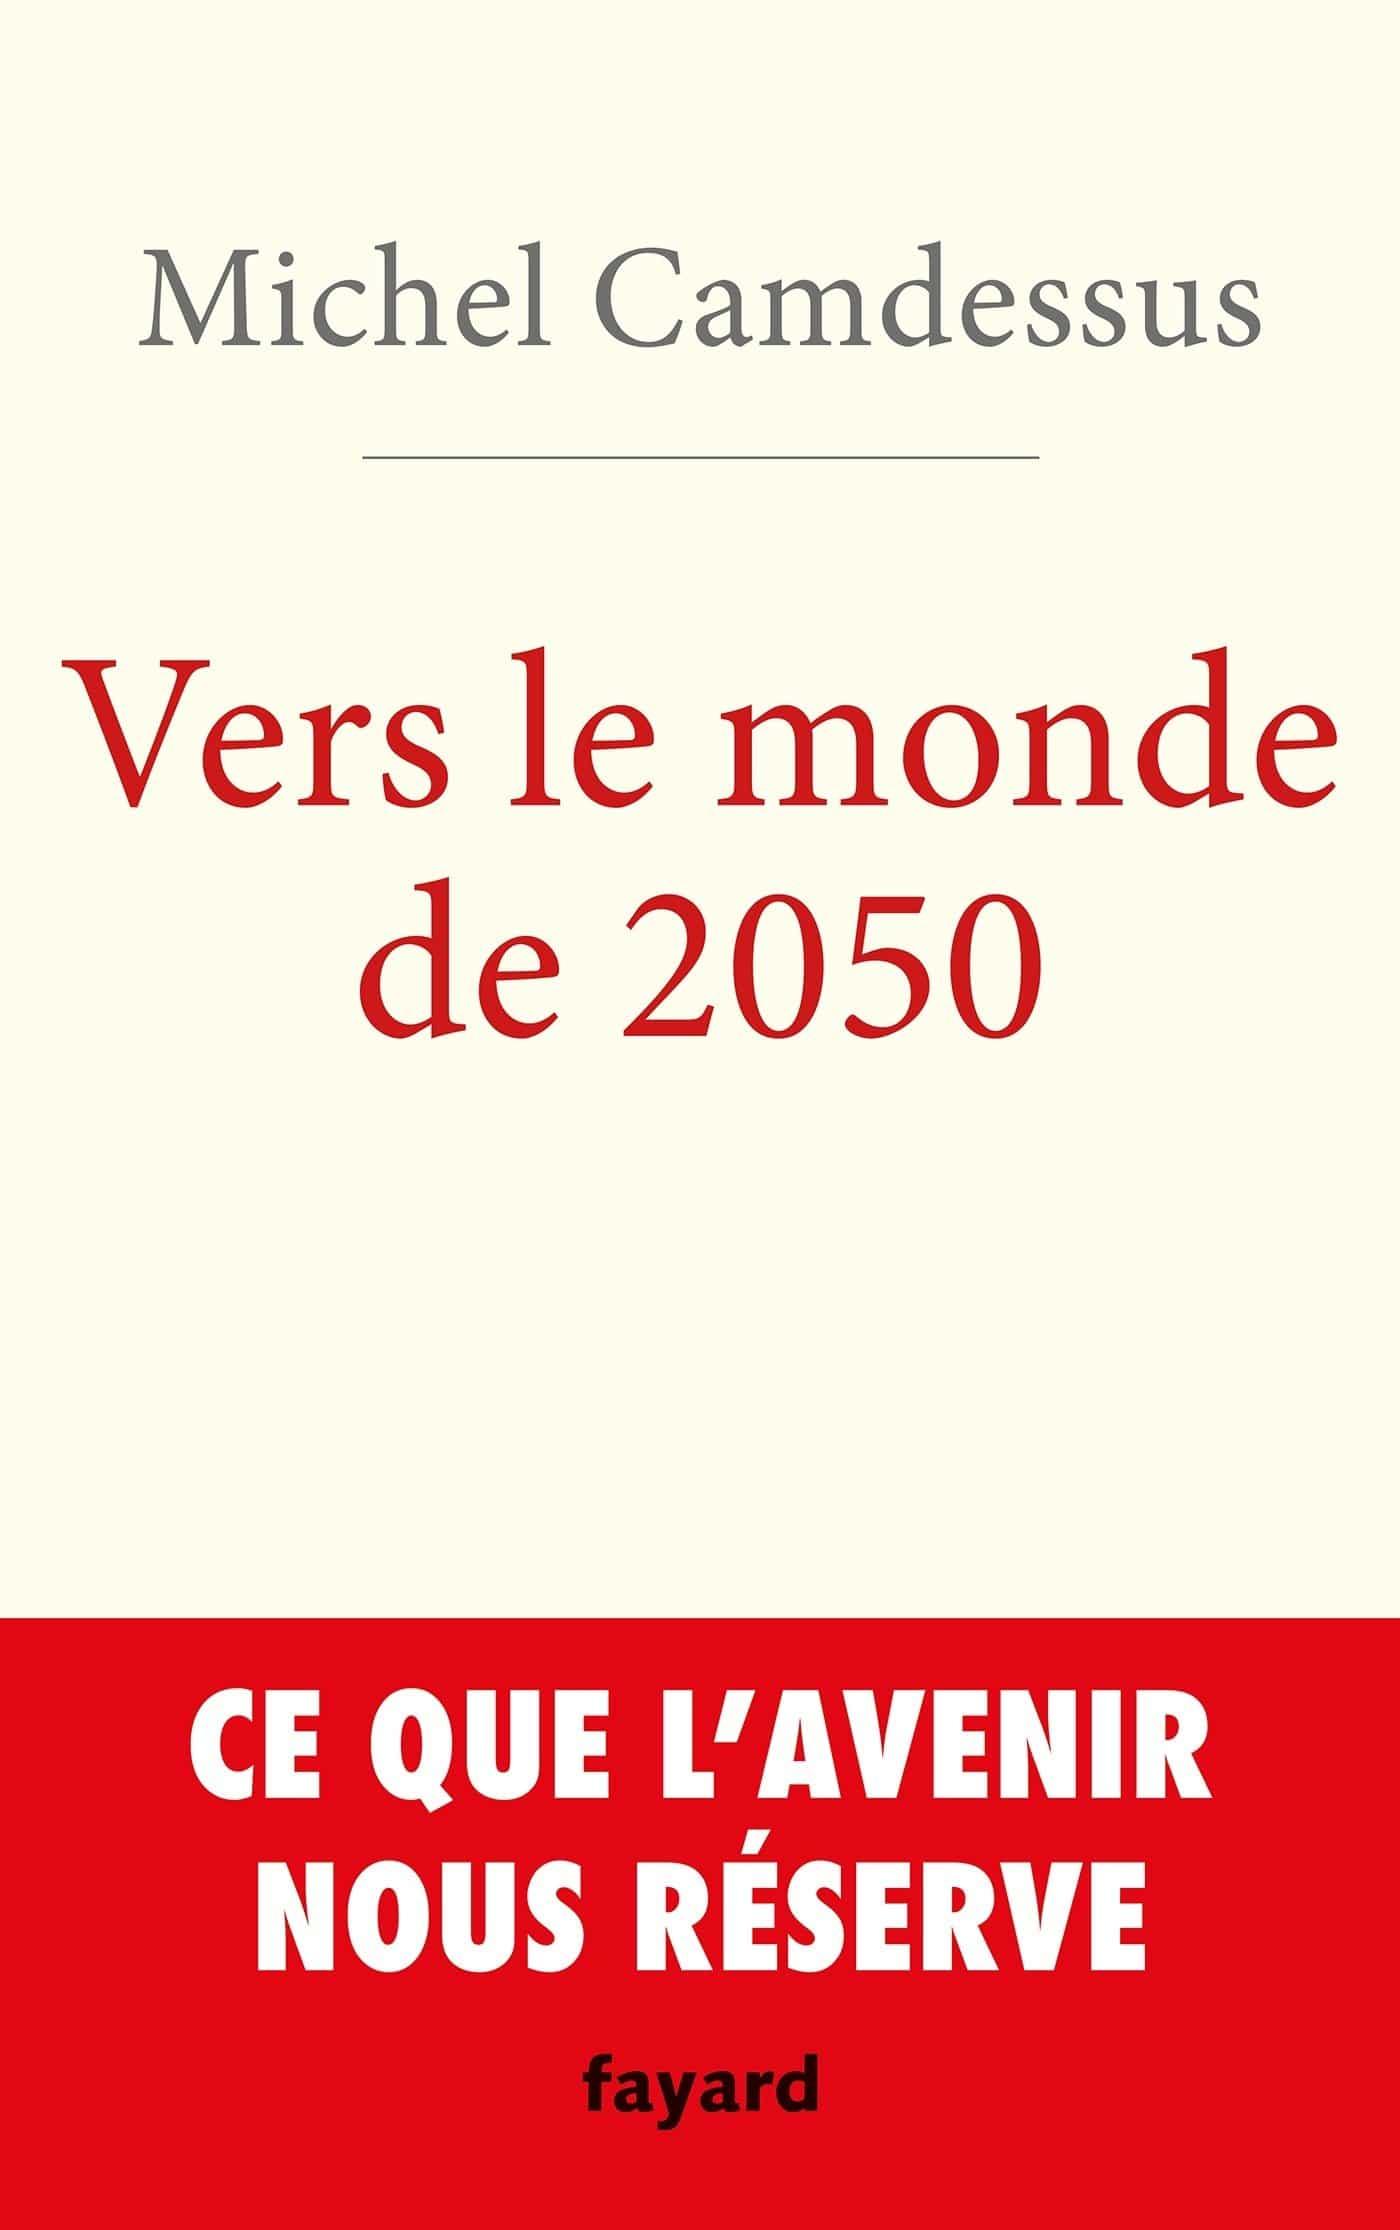 Vers le monde de 2050 - Michel Camdessus